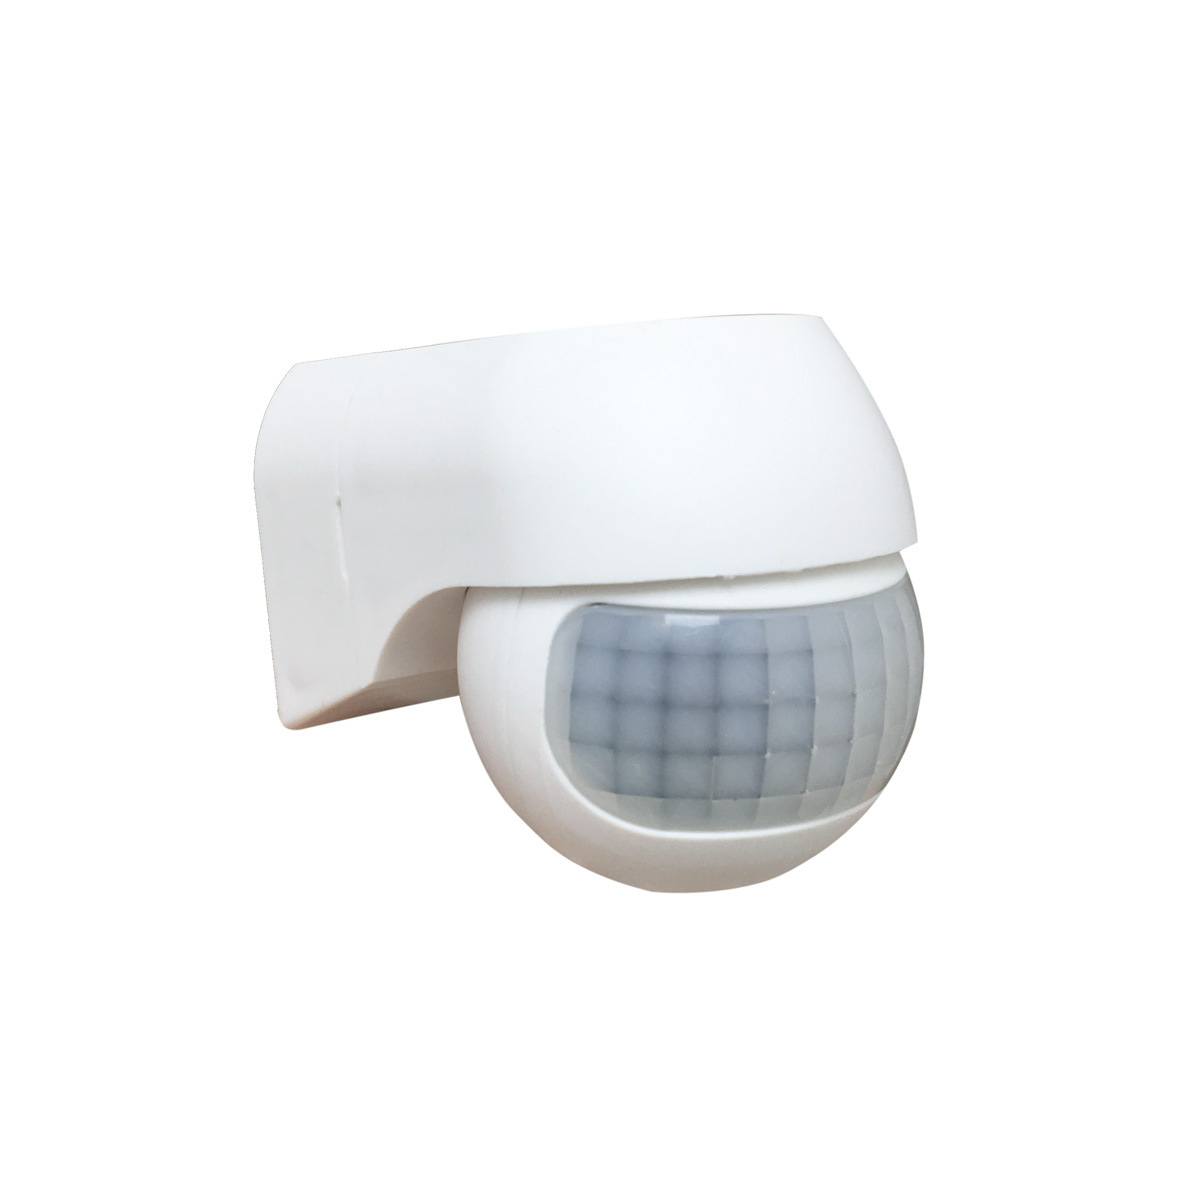 Rilevatore Di Presenza Per Accensione Luci.Sensore Di Movimento A Infrarossi Rilevazione Di Movimento Per Accensione Luci Sen 10